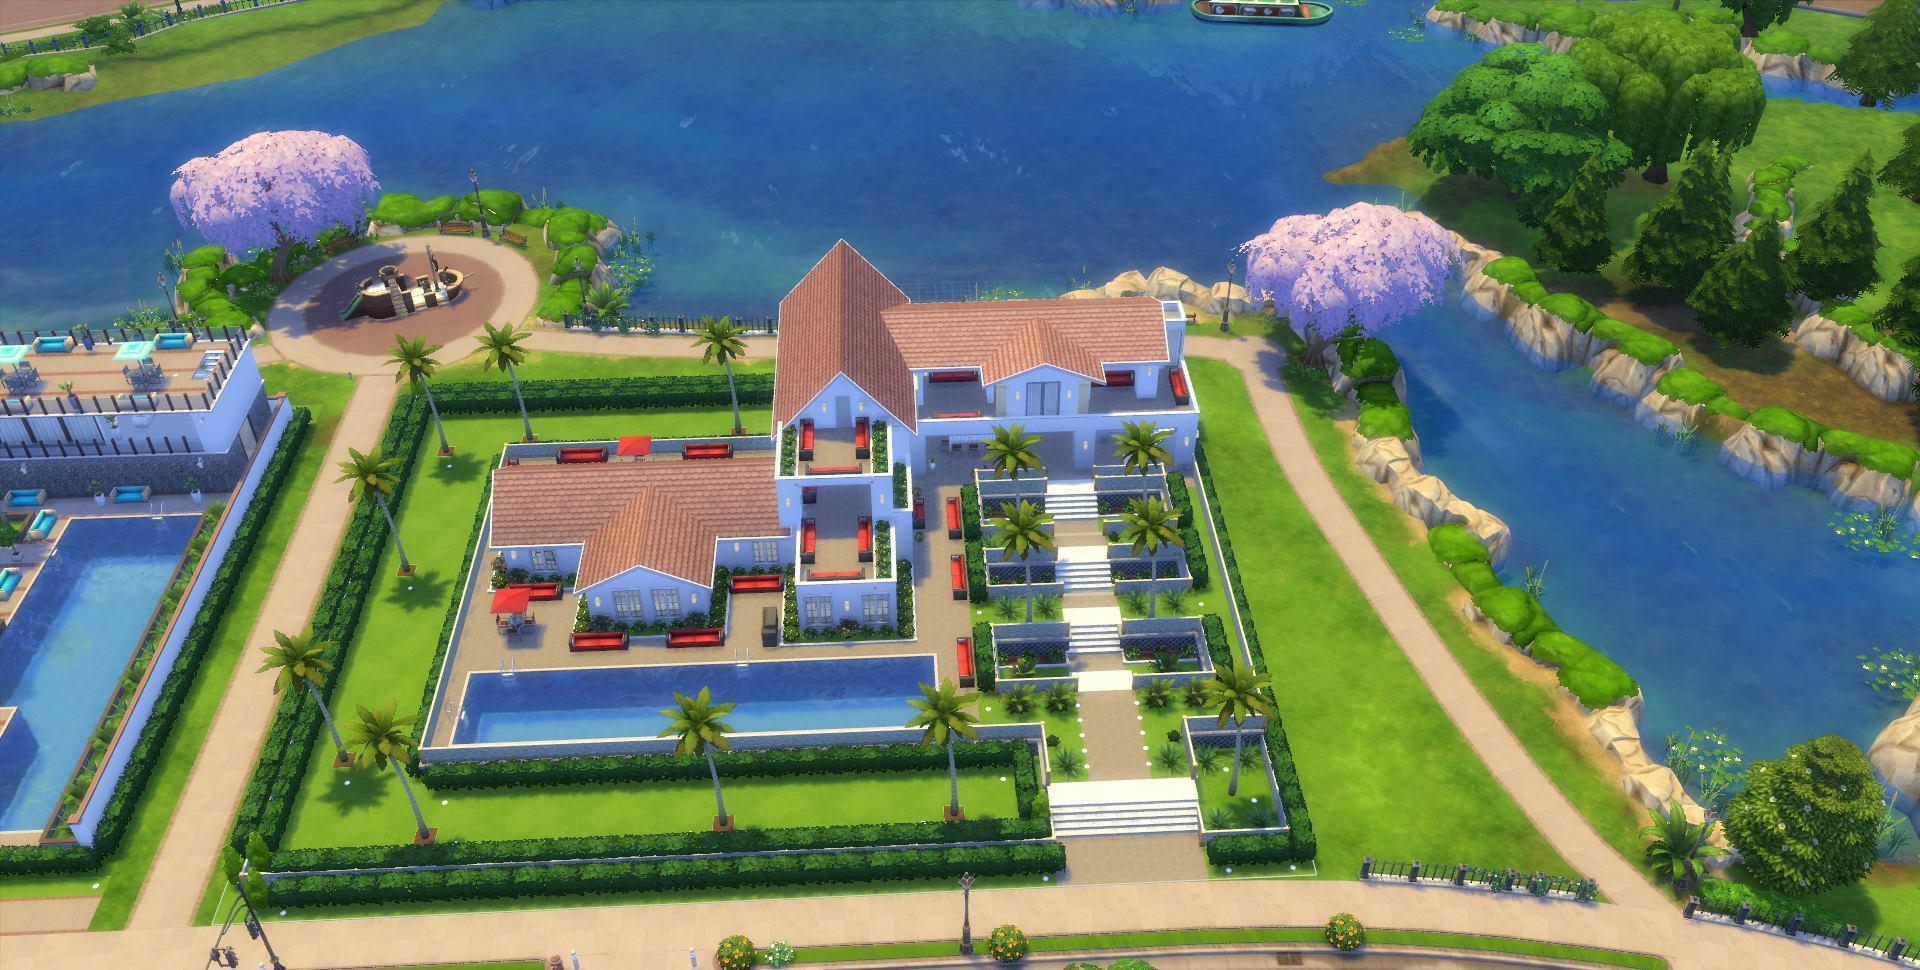 Sims 4 maison de luxe ventana blog for Maison moderne de luxe sims 3